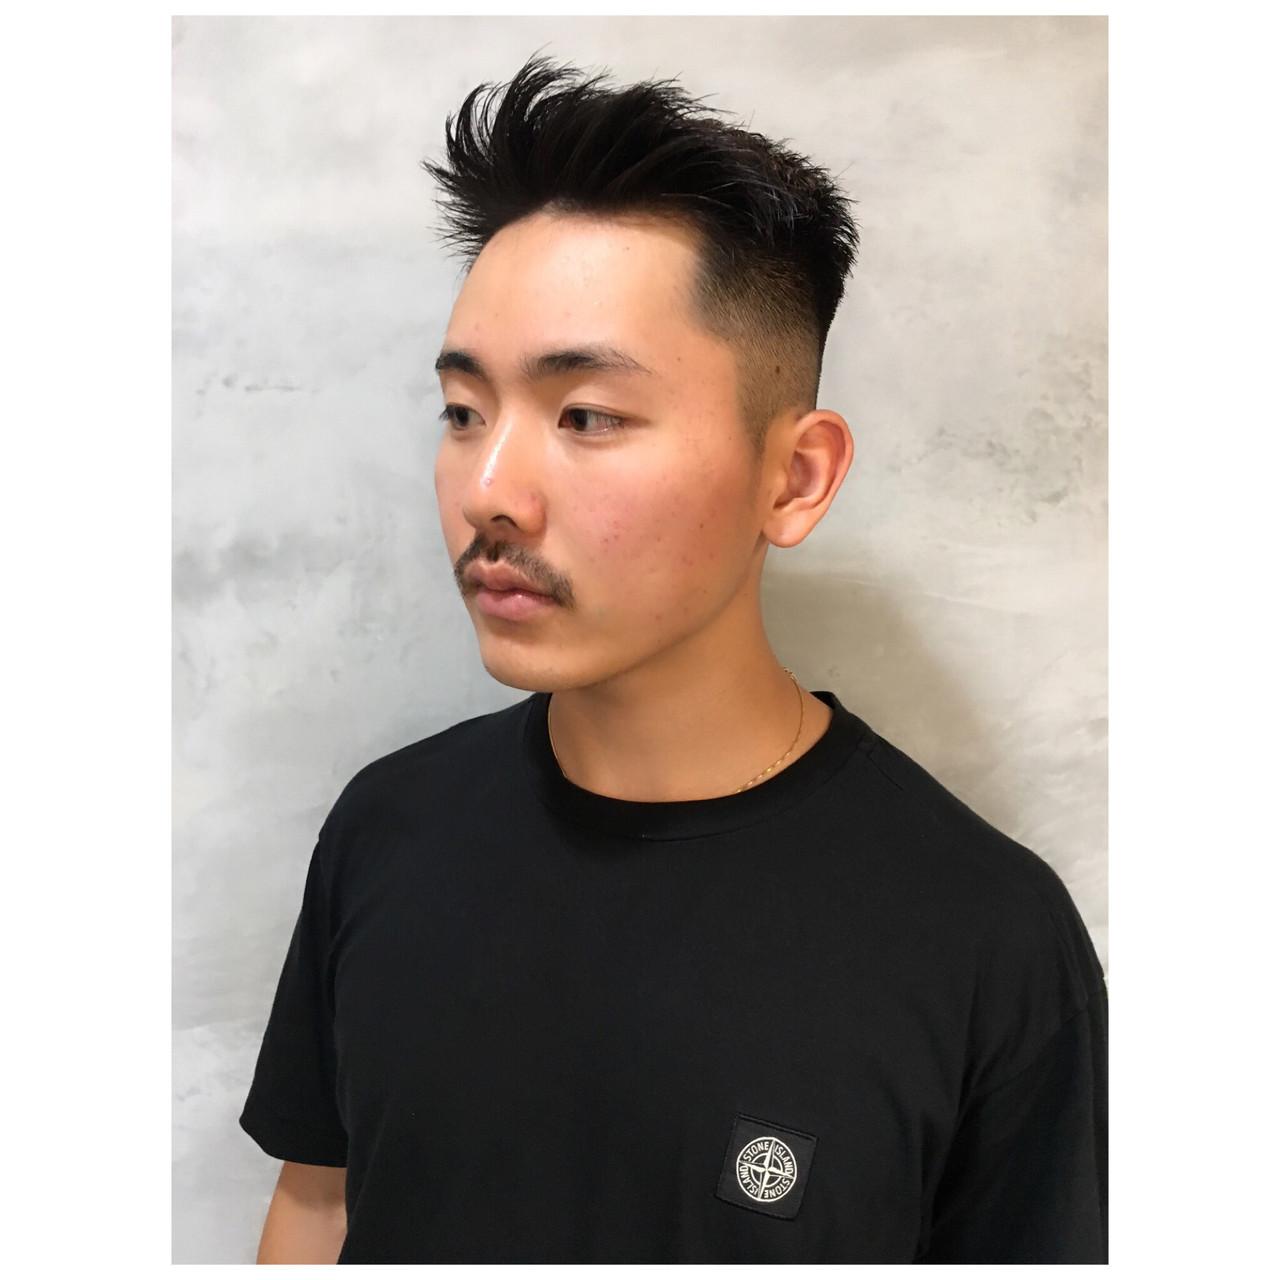 黒髪 ストリート ショート メンズカット ヘアスタイルや髪型の写真・画像 | Yumi Hiramatsu / Sourire Imaizumi【スーリール イマイズミ】